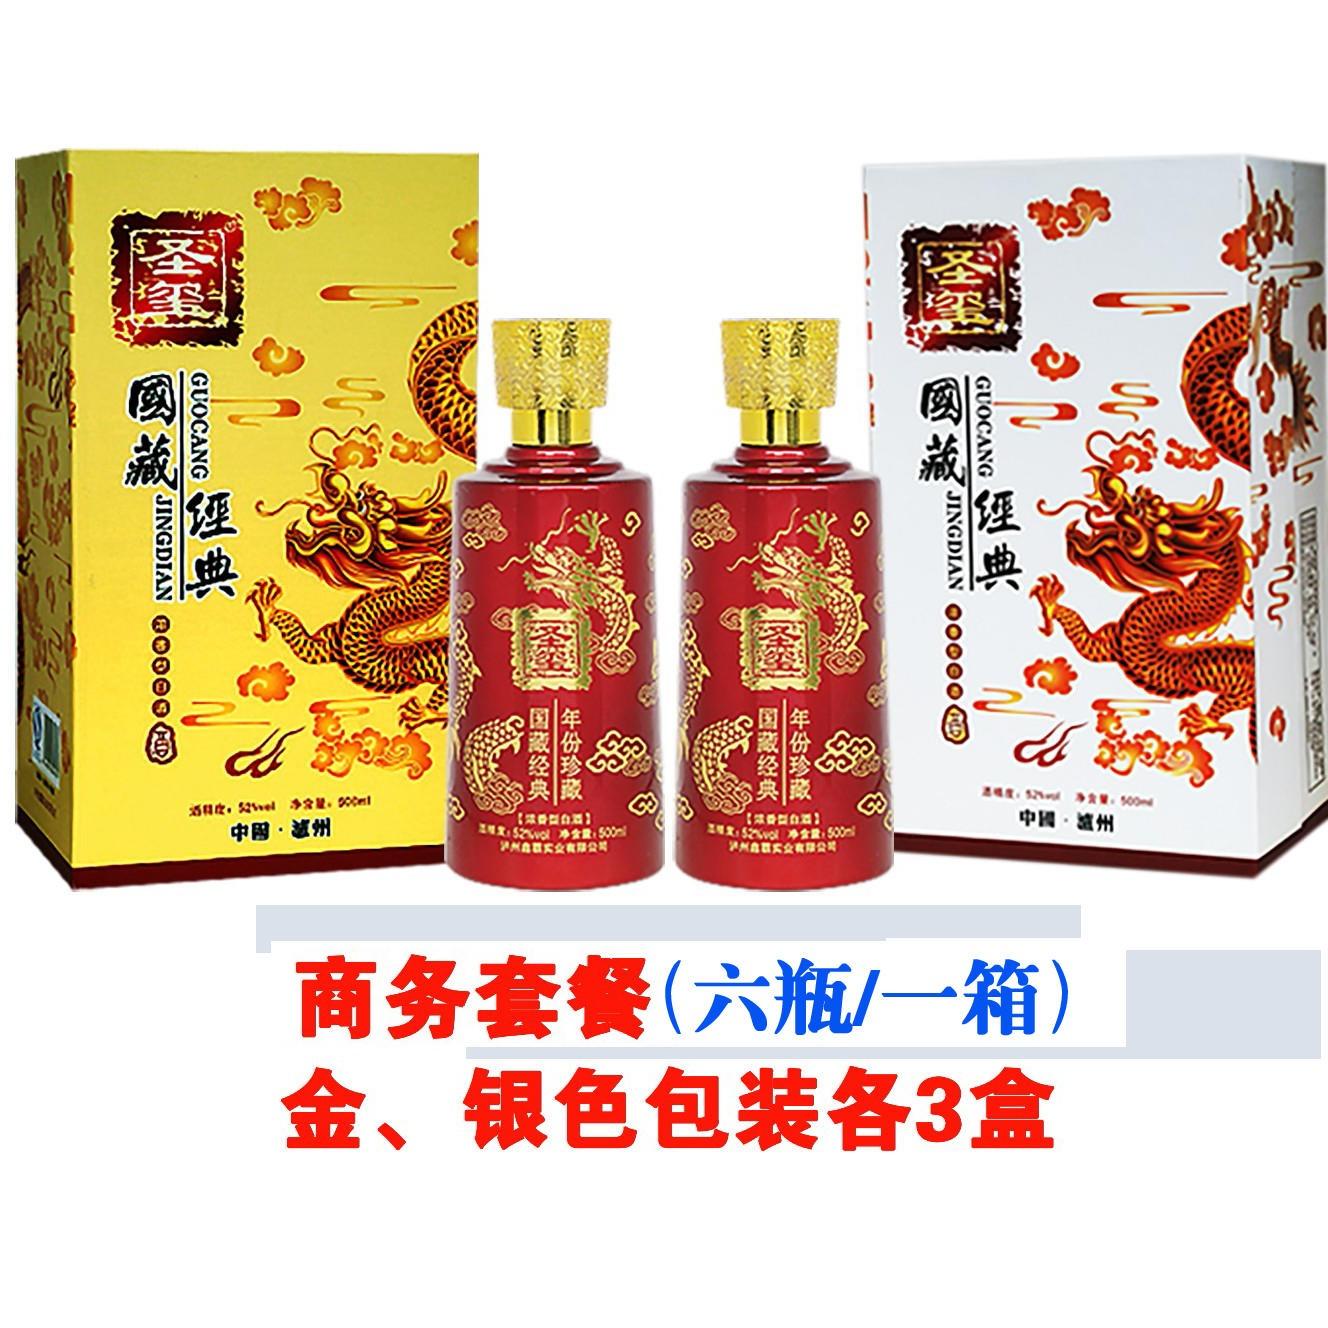 圣玺酒,华人酒,喝出家国情怀,52度浓香型白酒,500ml,招商、批发价格,零售